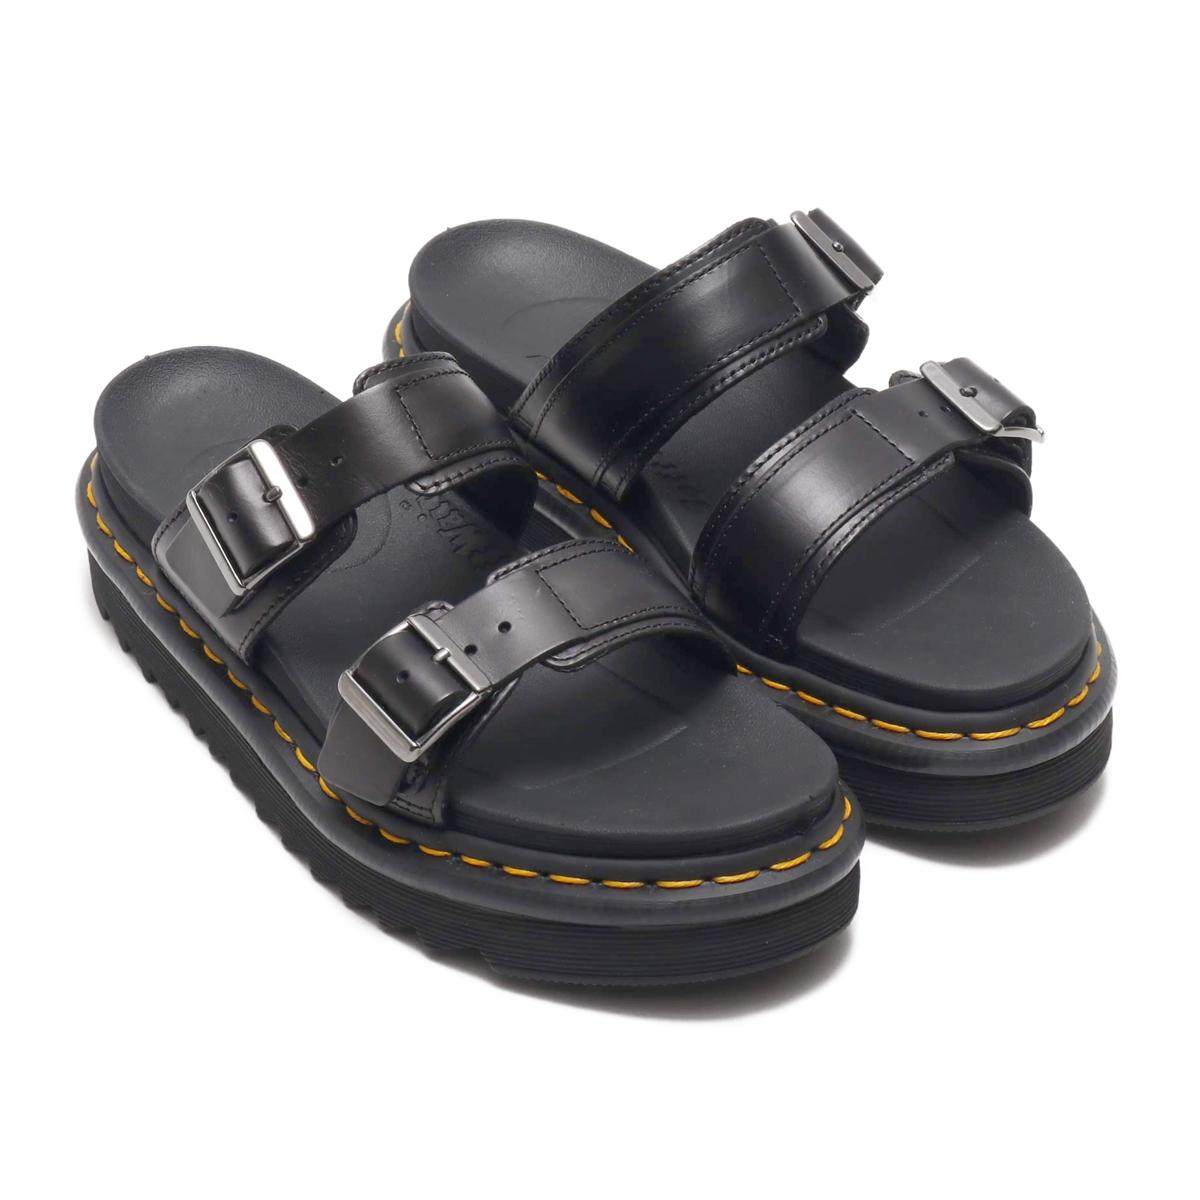 Puma Clyde FSHN NATUREL shoes black